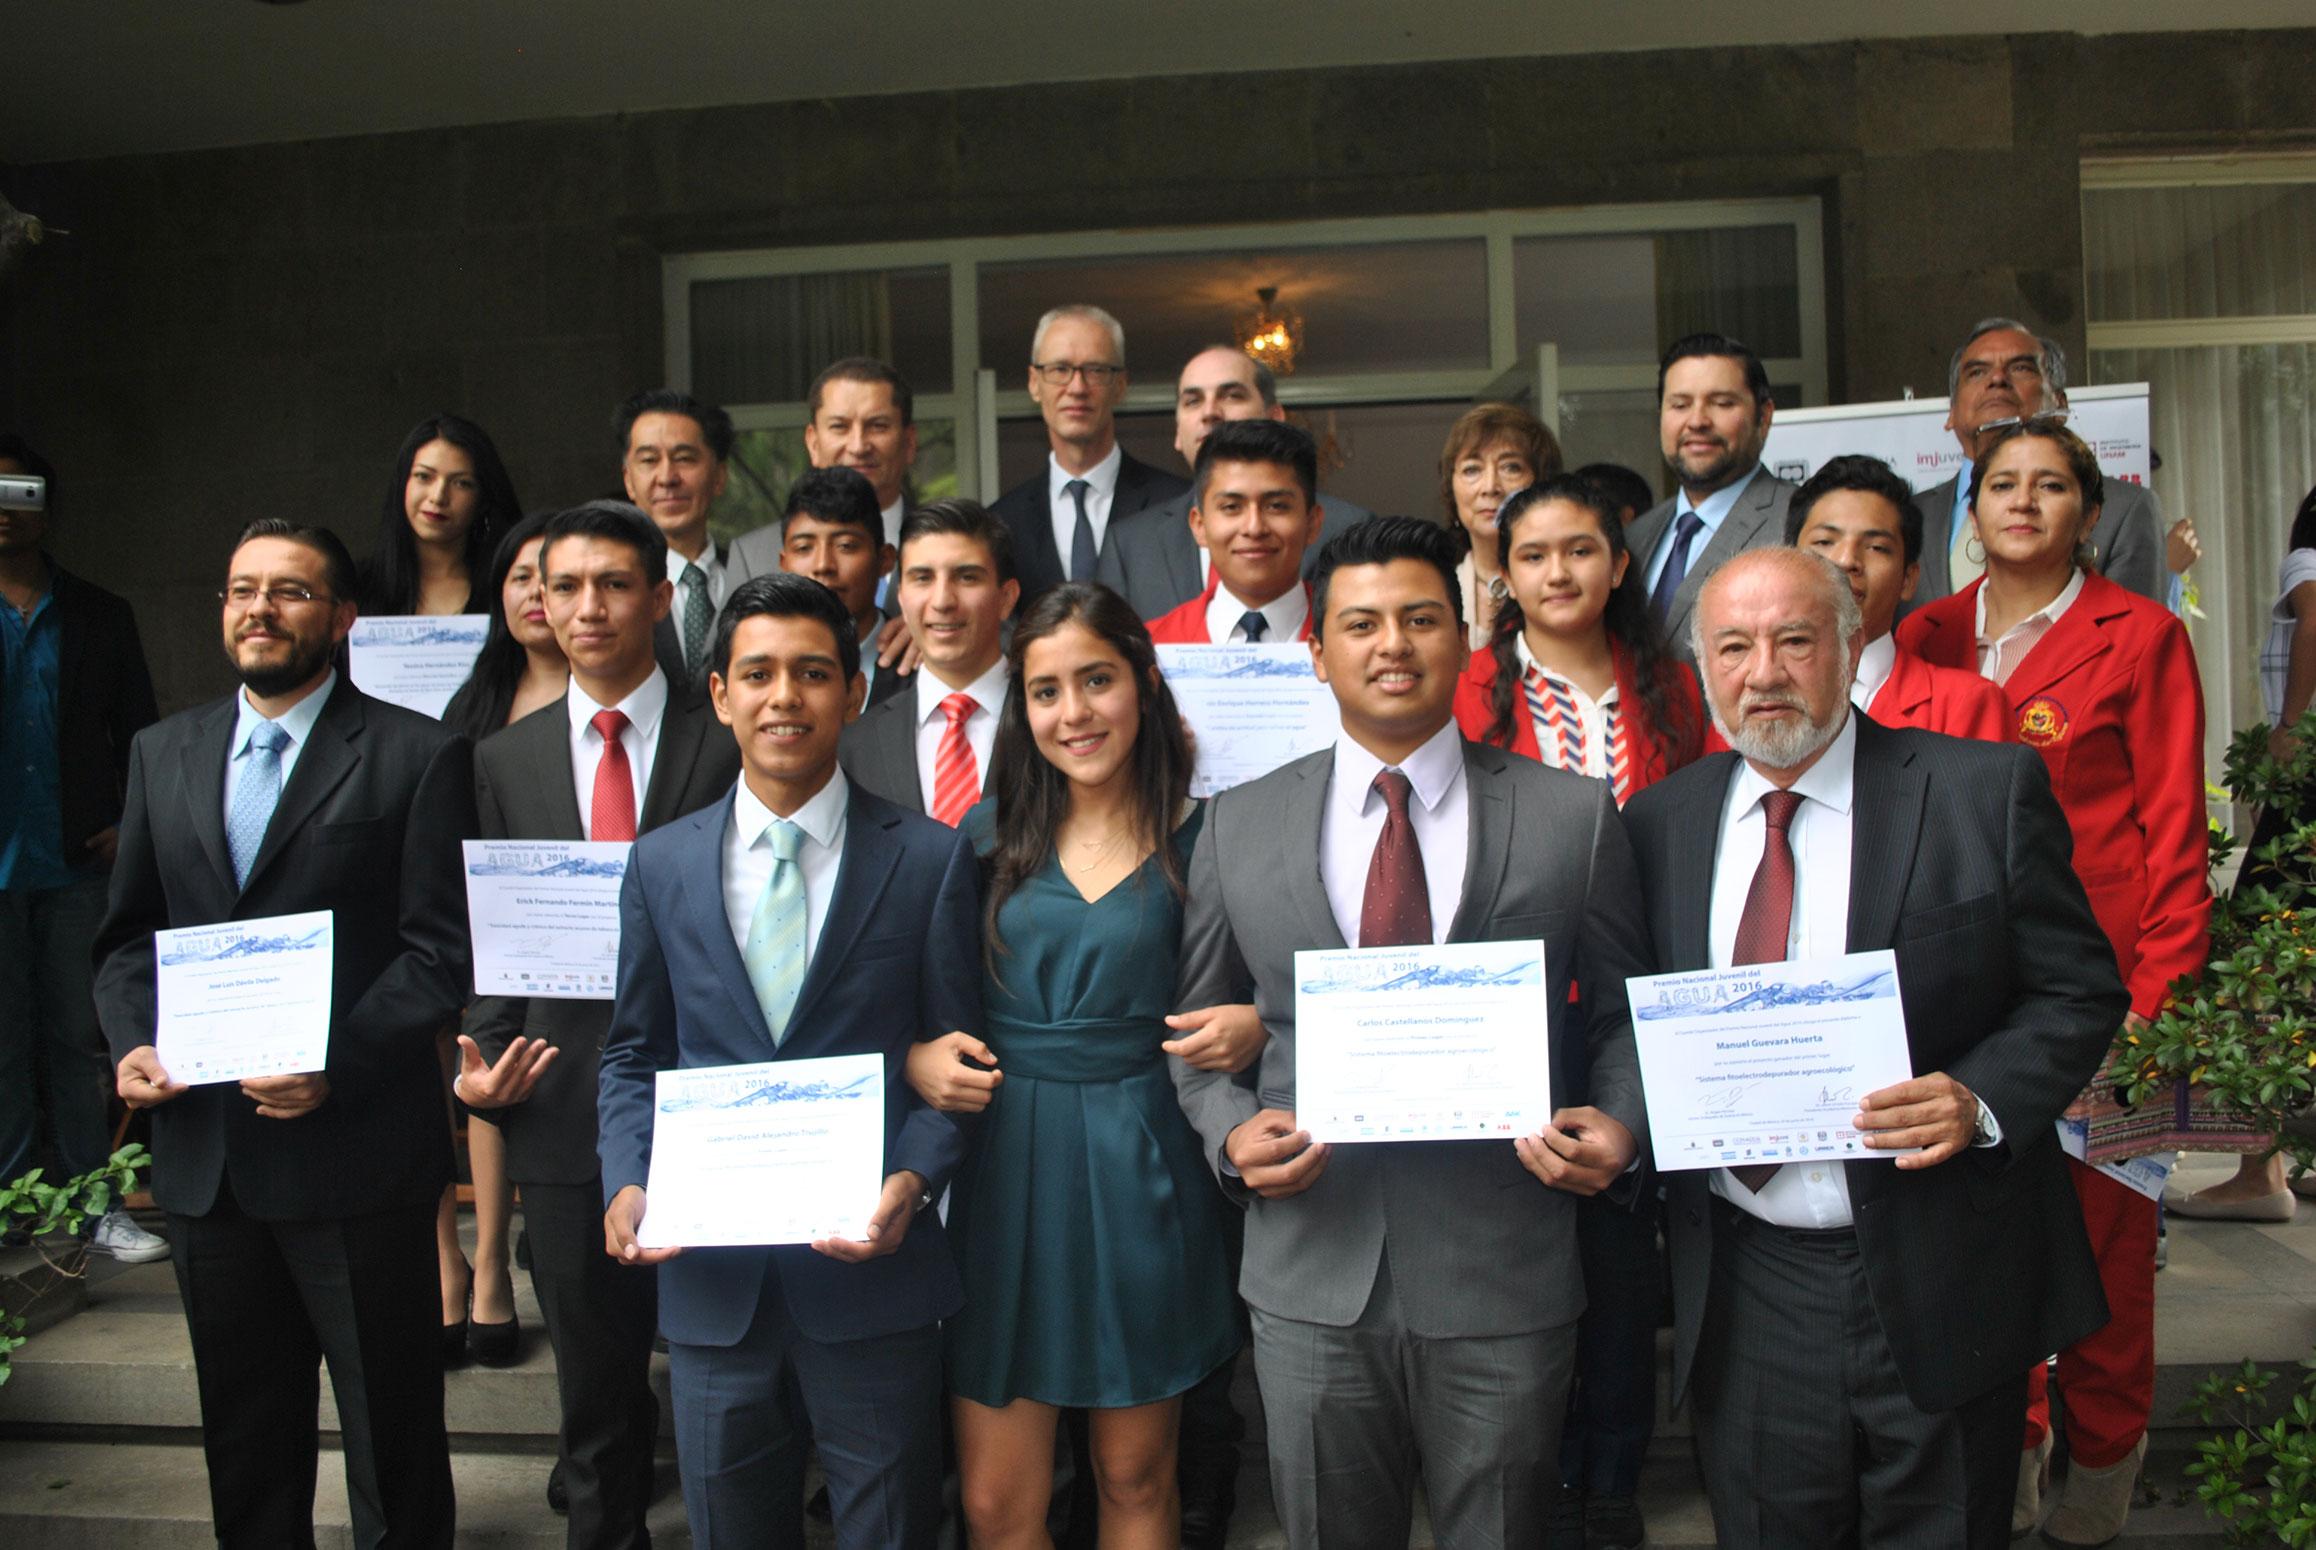 Jóvenes ganadores del primero, segundo, tercer lugar y de la mención especial con sus respectivos asesores